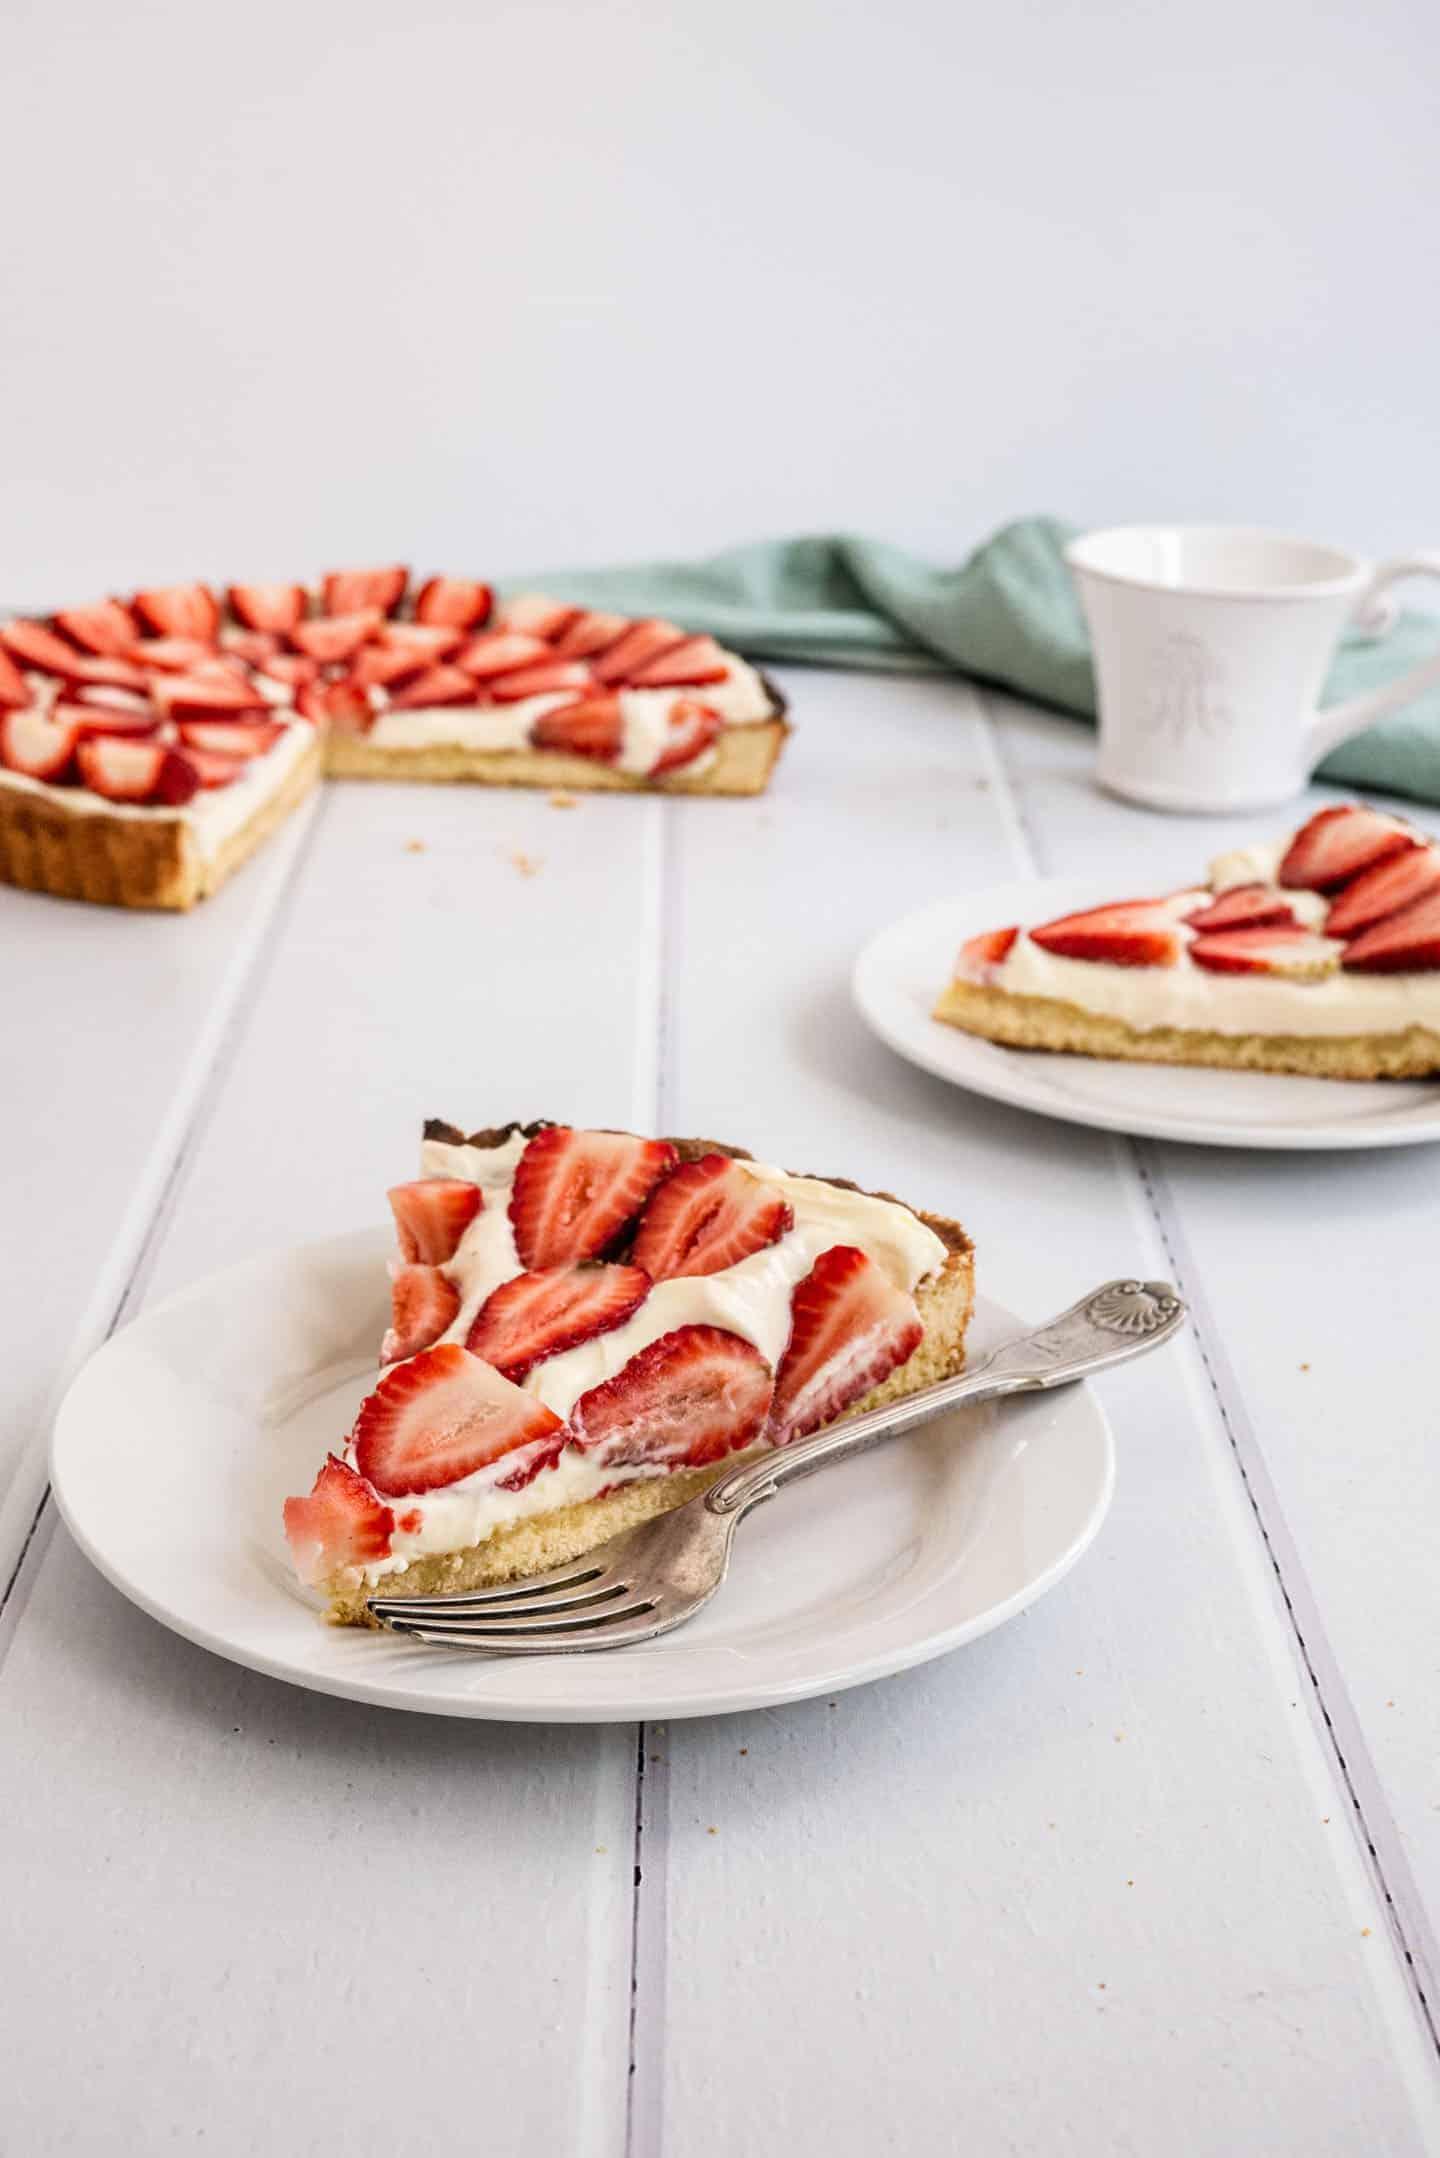 Nada es mejor que una tradicional tarta de frutillas y crema al momento del postre. Simple como una masa quebrada mantecosa, un relleno de crema suave y frutillas frescas por arriba.